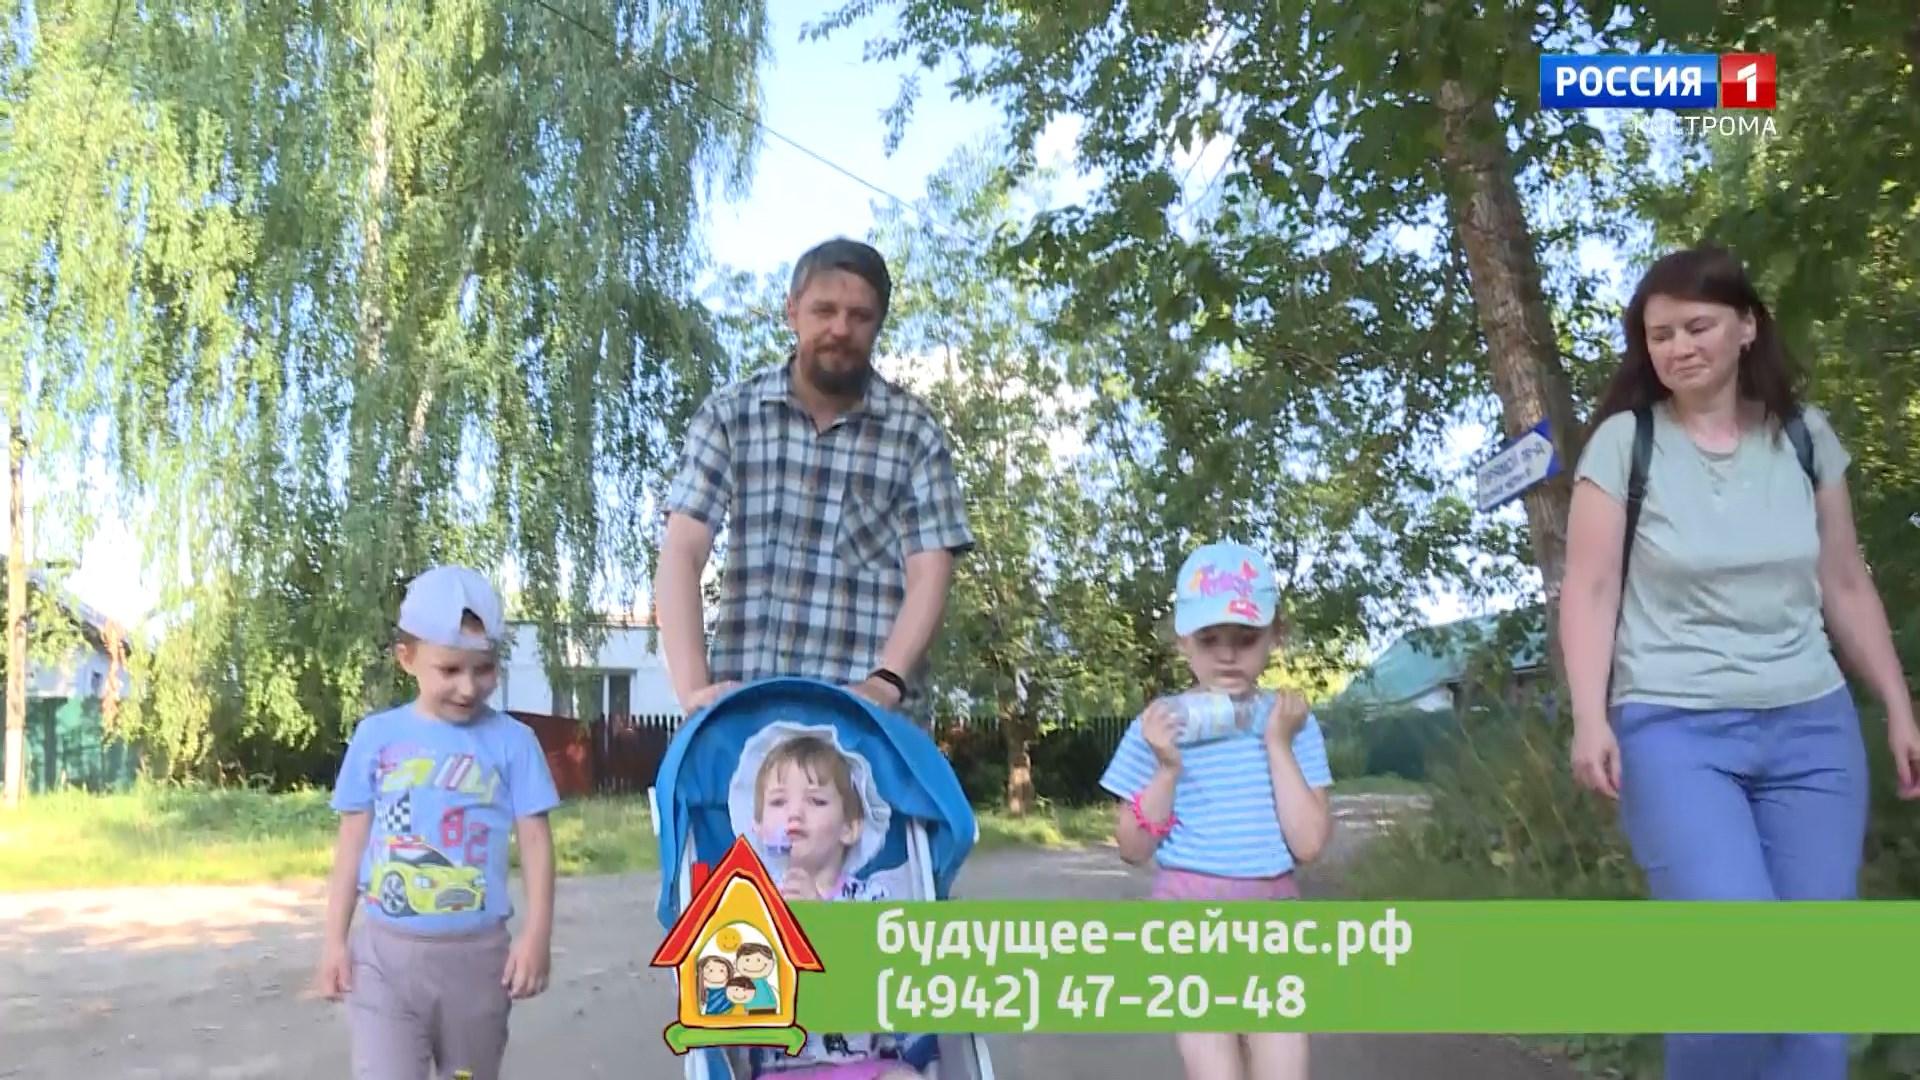 Детей попавшей в беду мамы на время приютила семья из Костромы